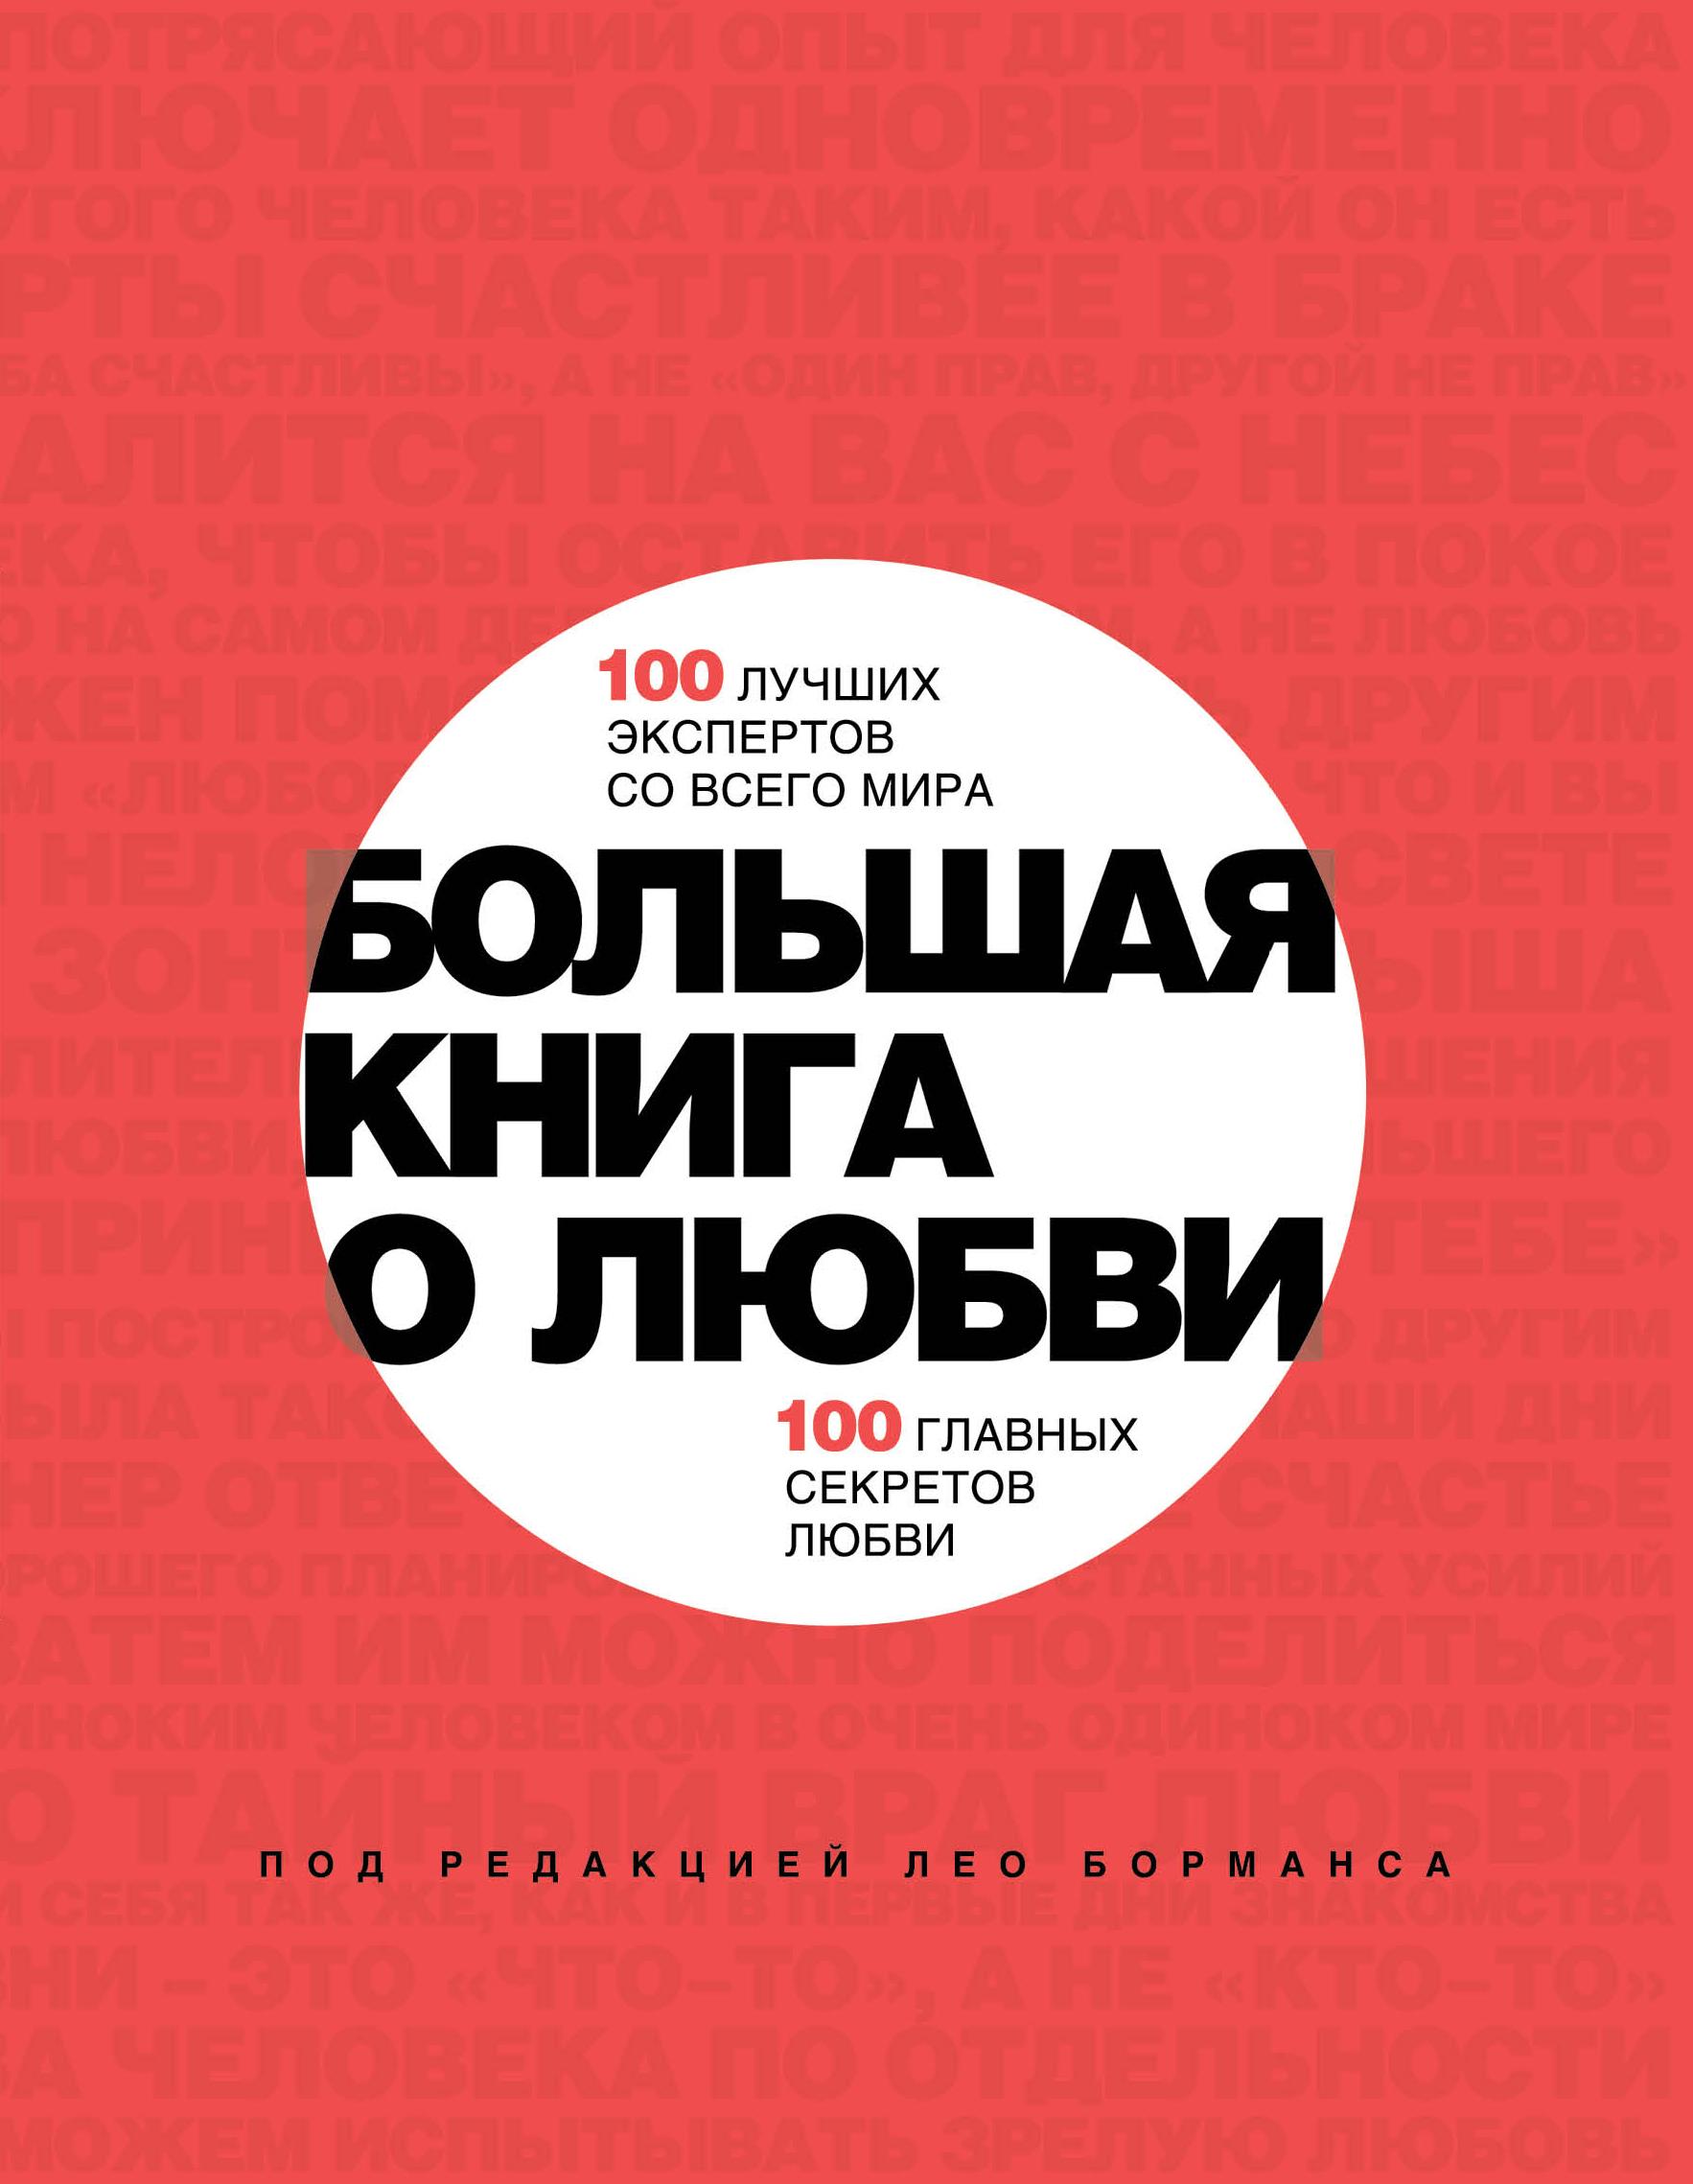 Лео Борманс Большая книга о любви. 100 лучших экспертов со всего мира, 100 главных секретов любви дорогой любви и измены